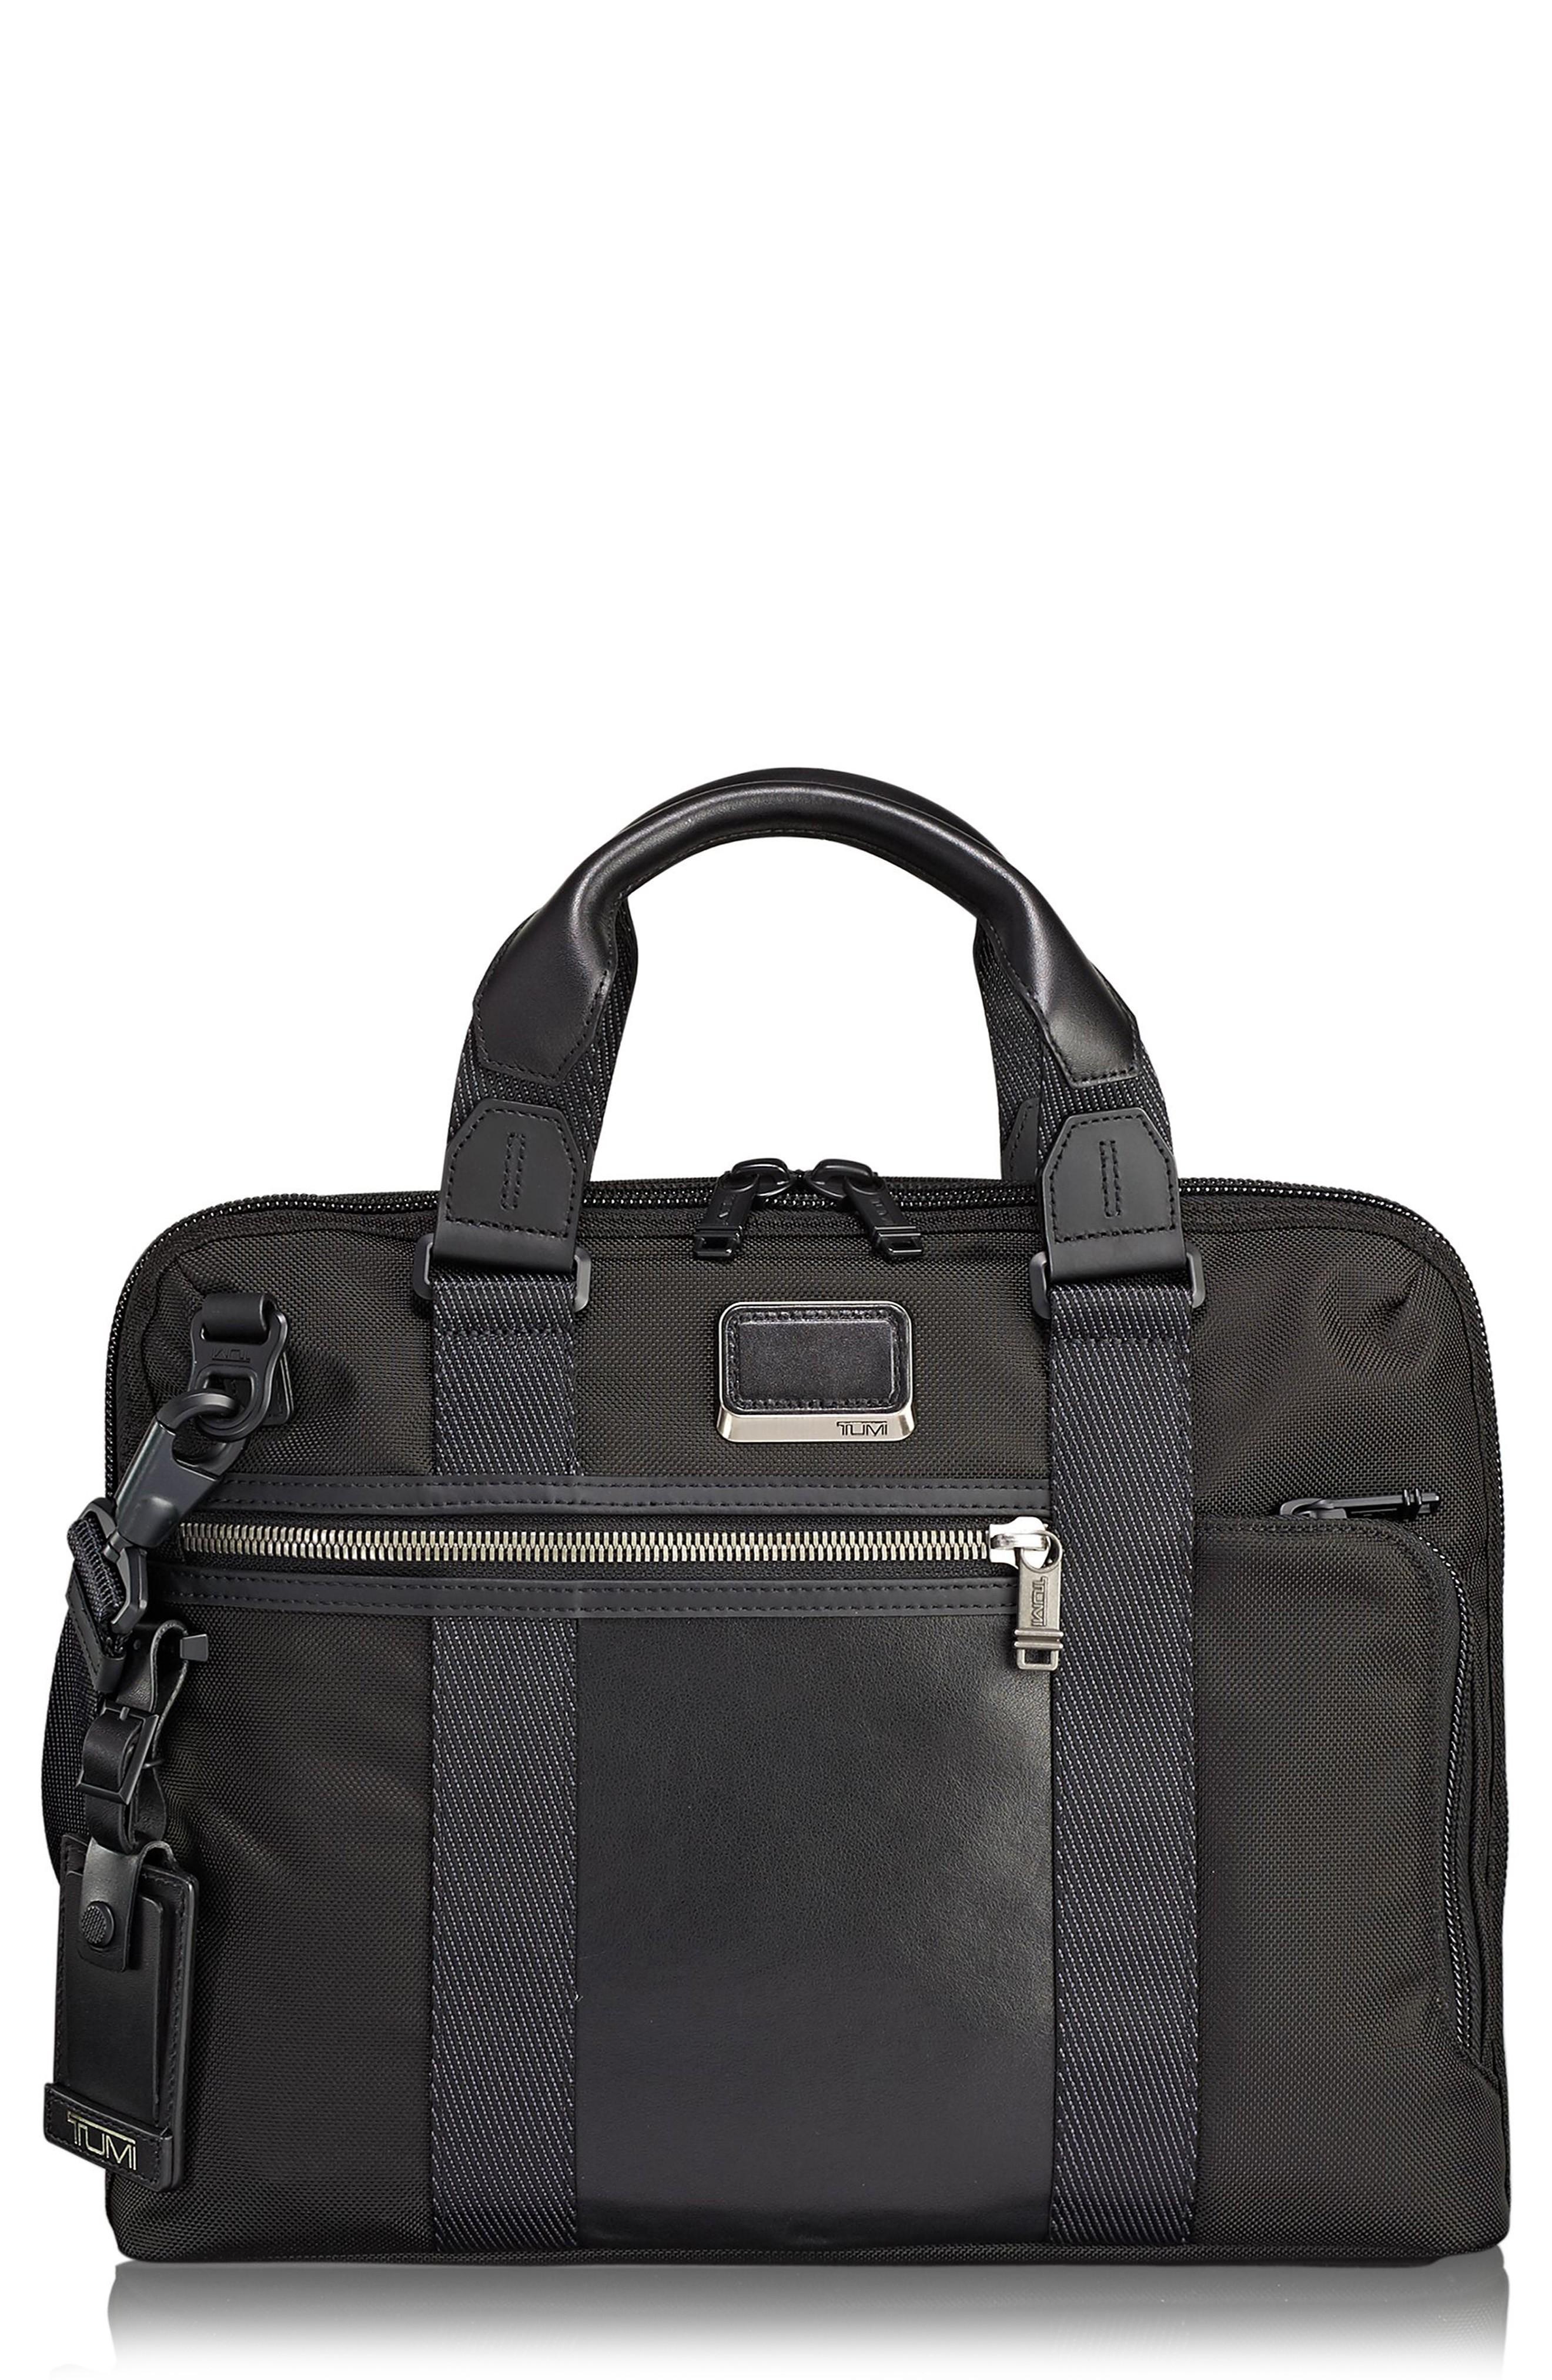 3eba3eb272a6 Tumi Alpha Bravo - Charleston Briefcase In Black